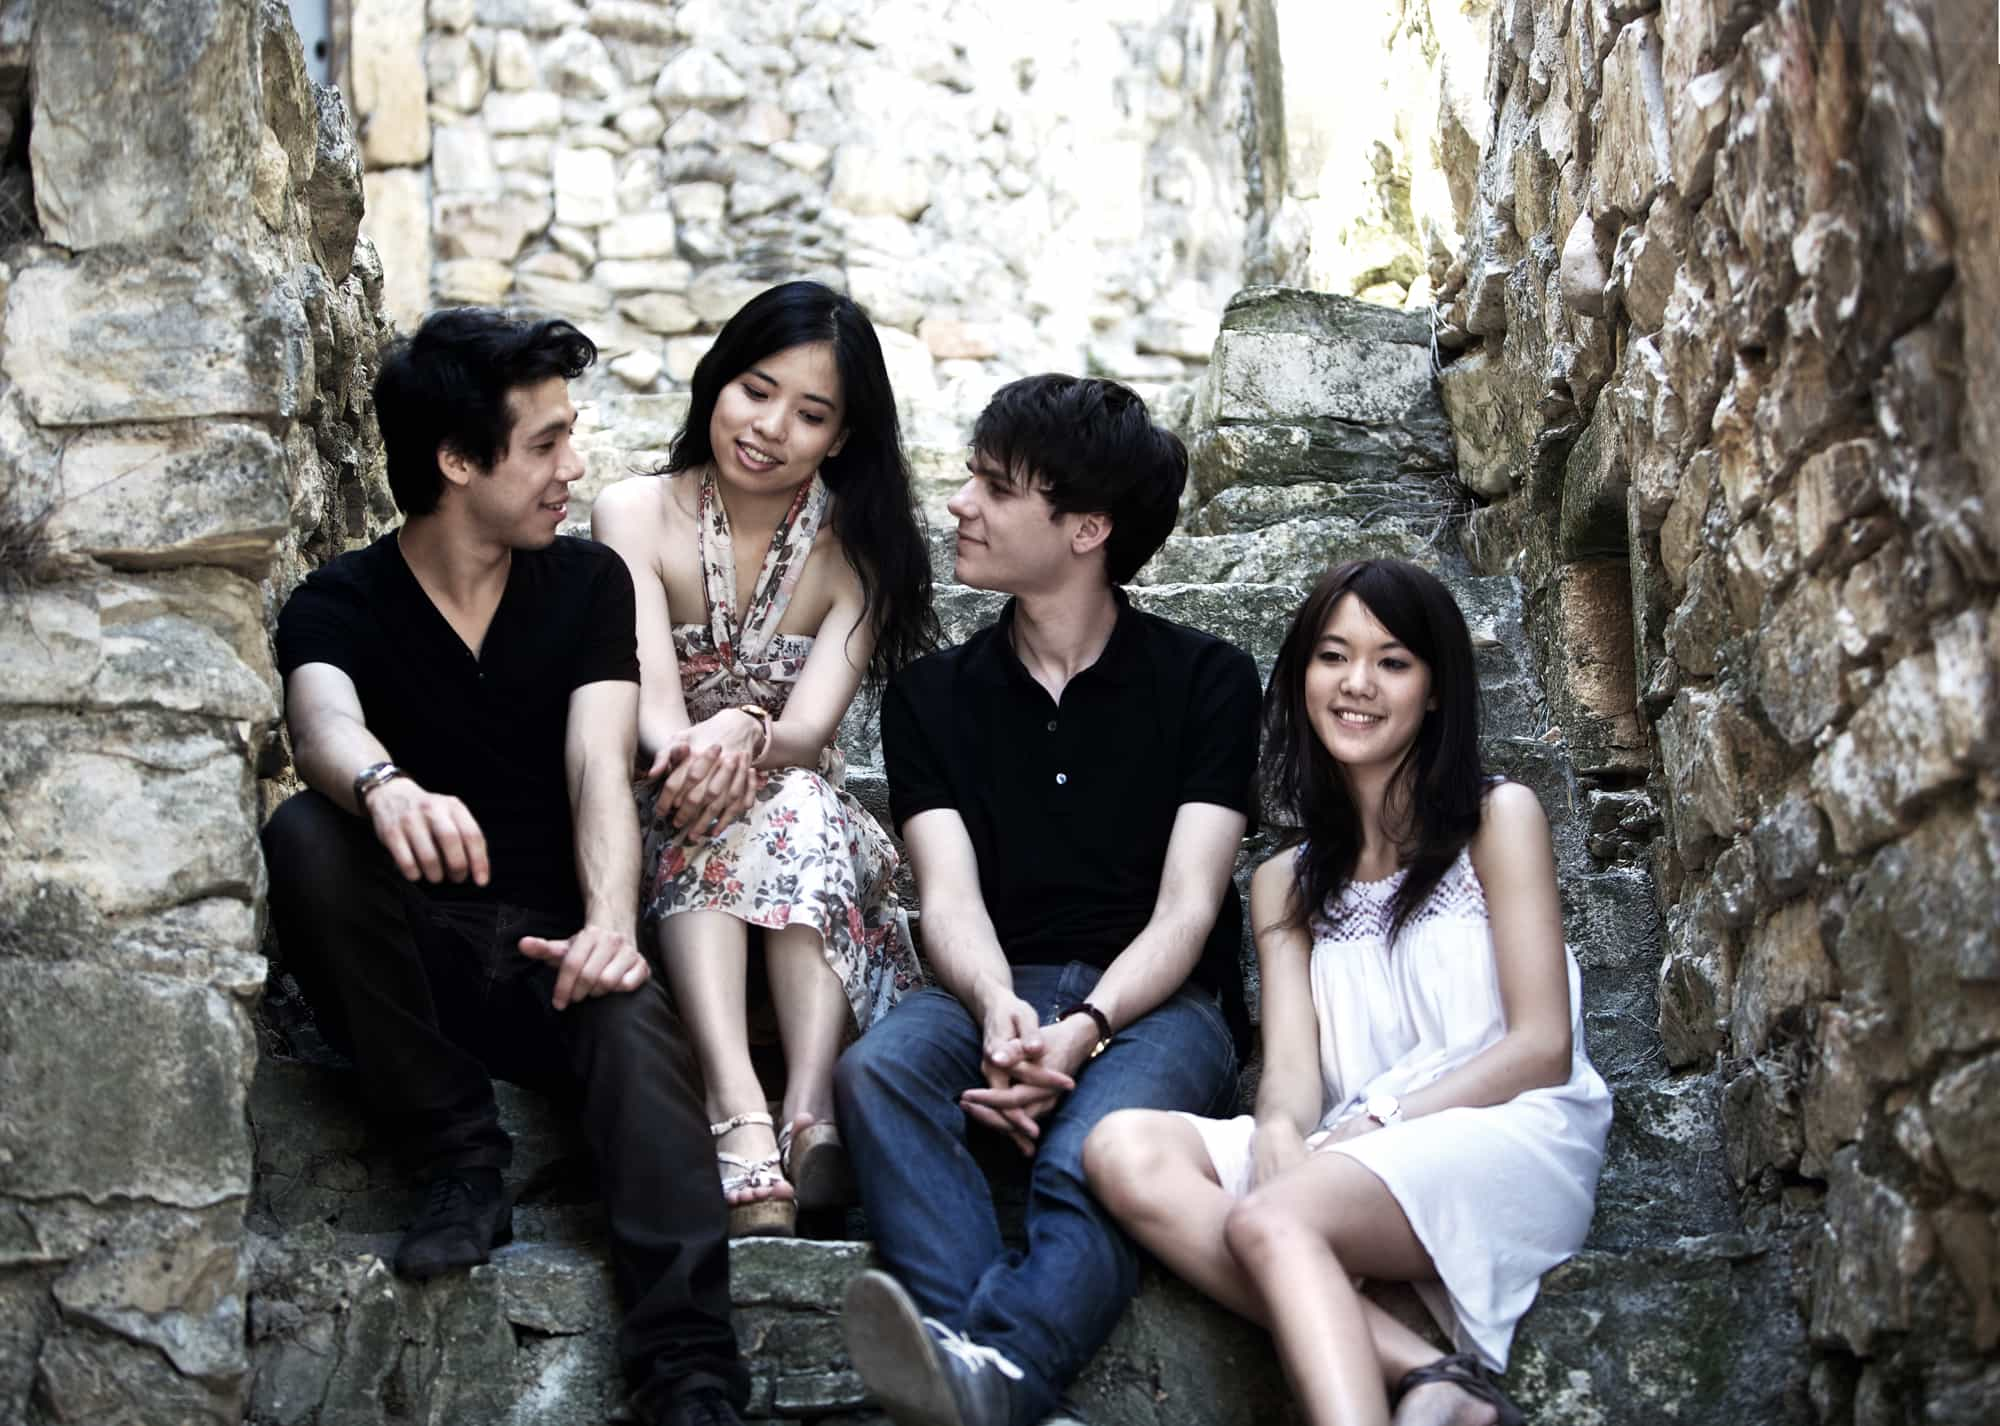 The Hermès Quartet. Photo by Jean-Claude Capt.